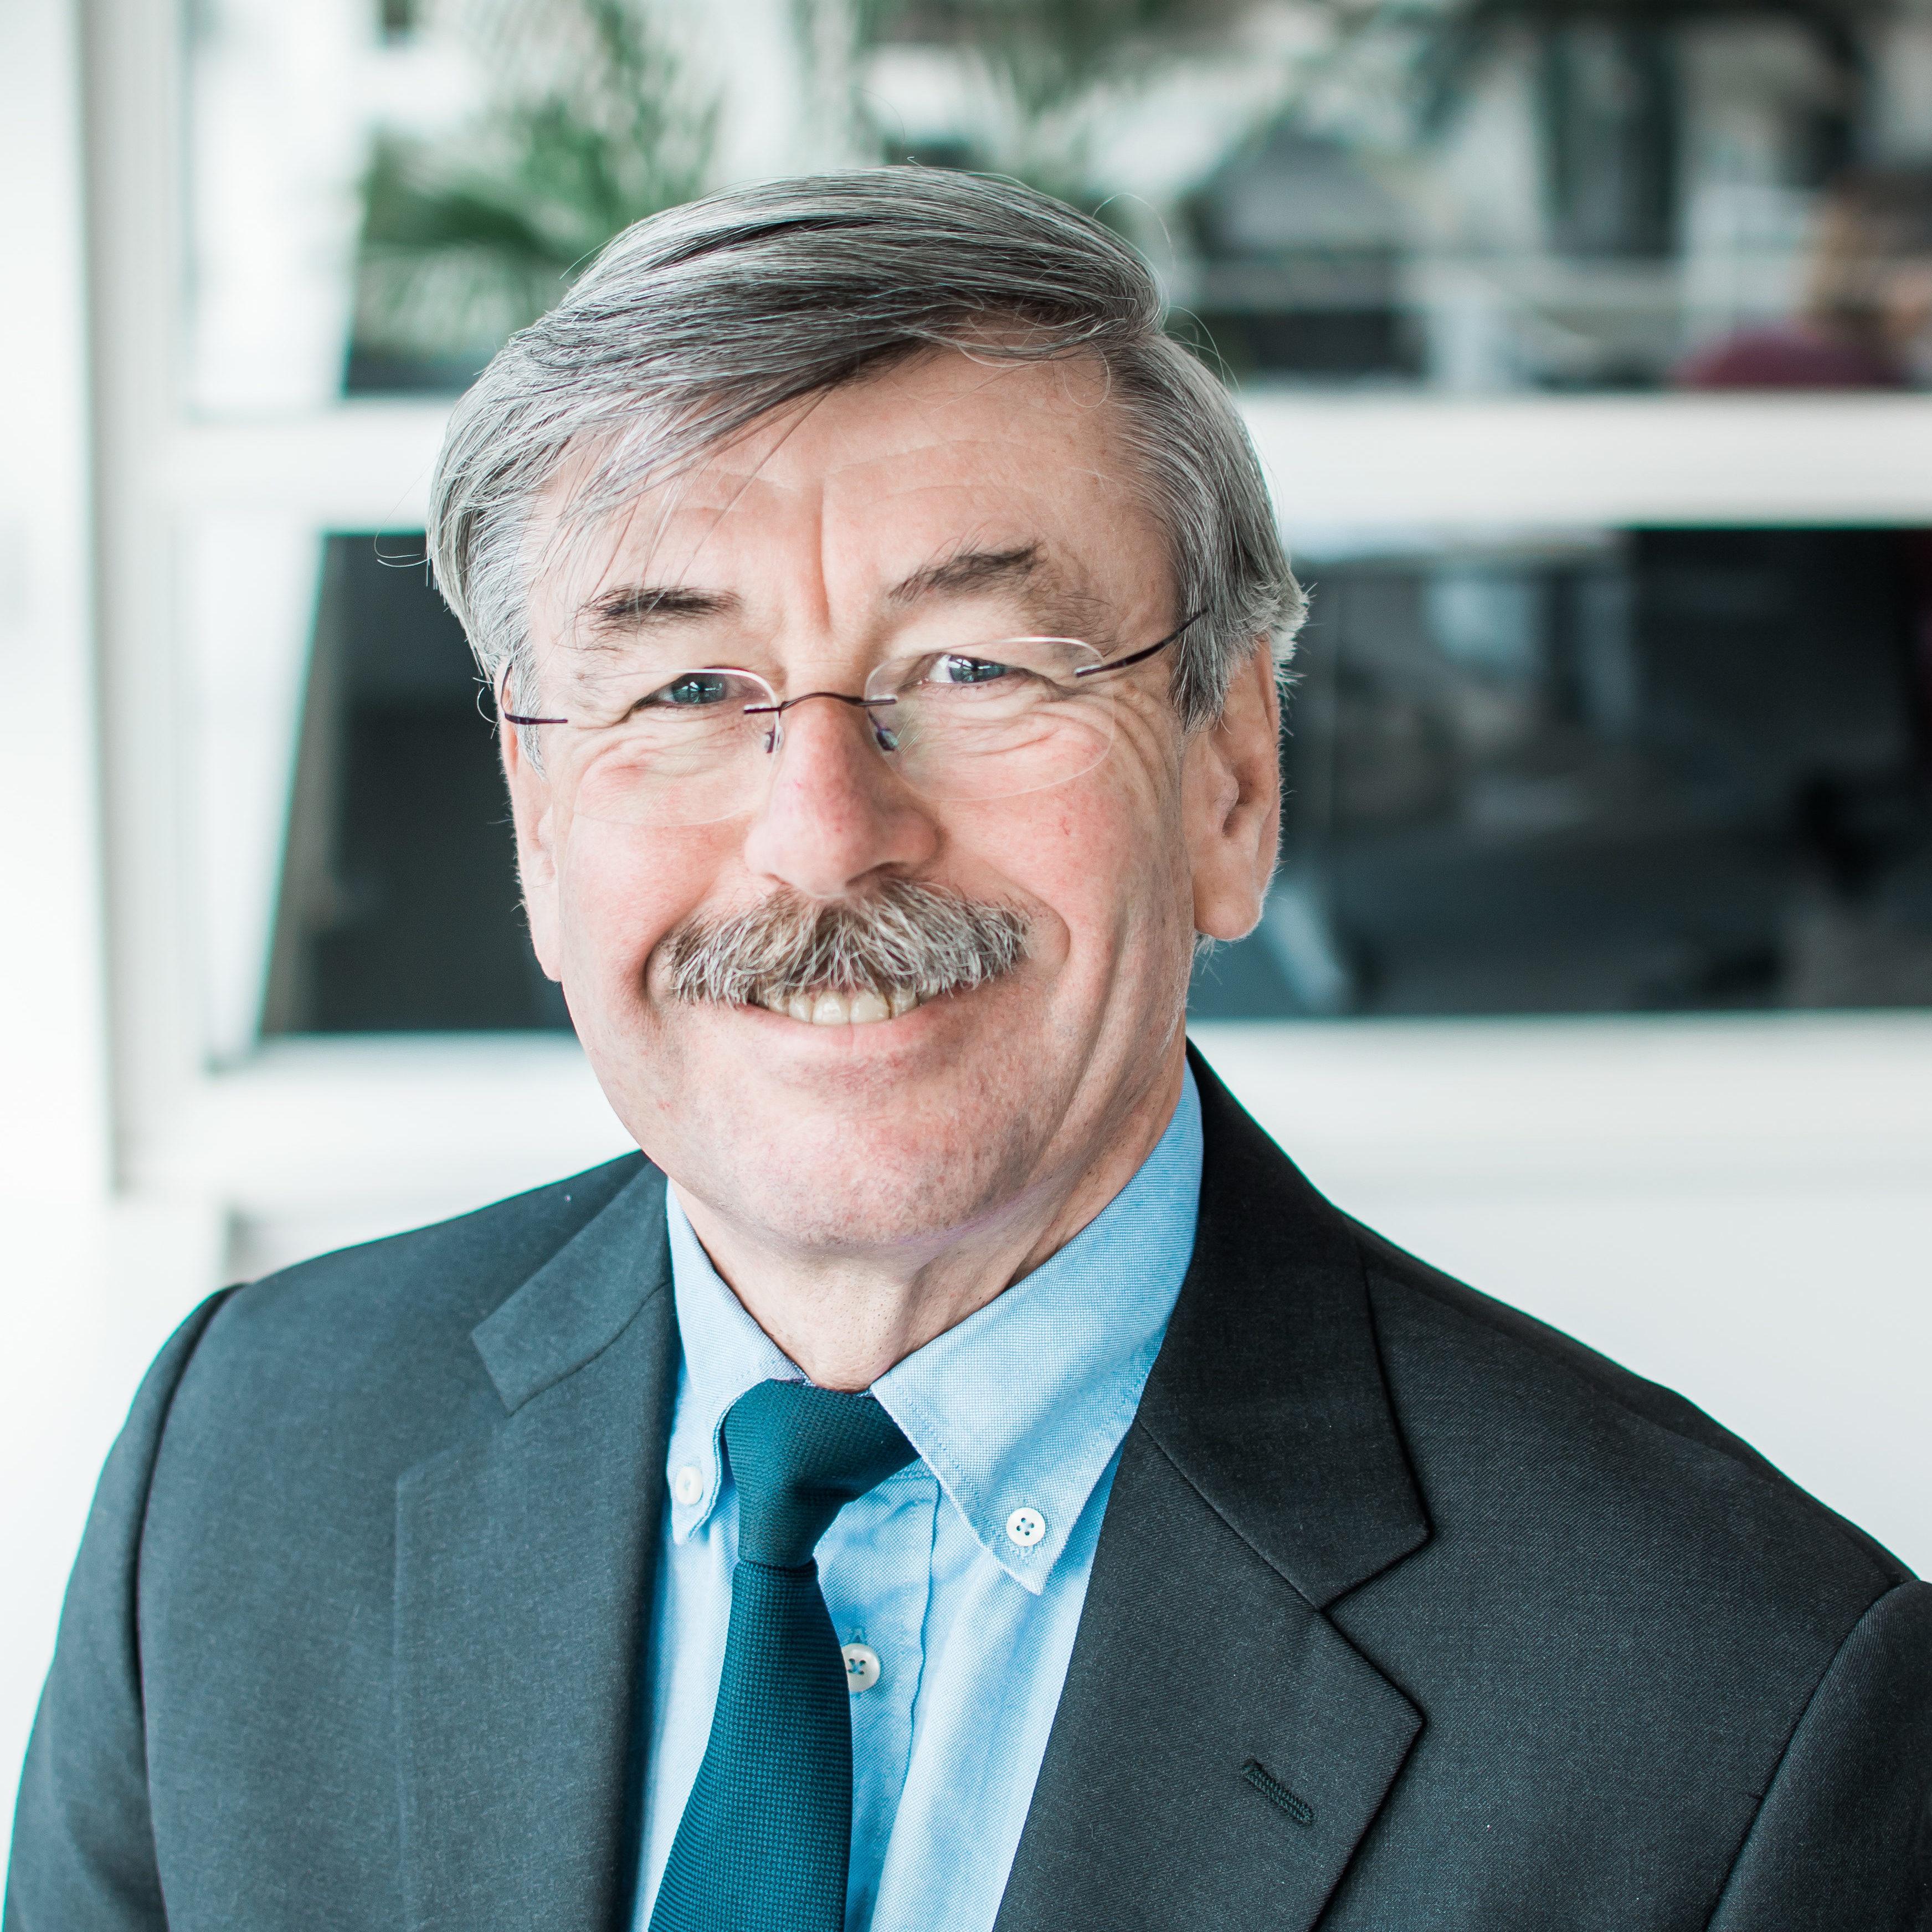 Gerrit Jan Koning